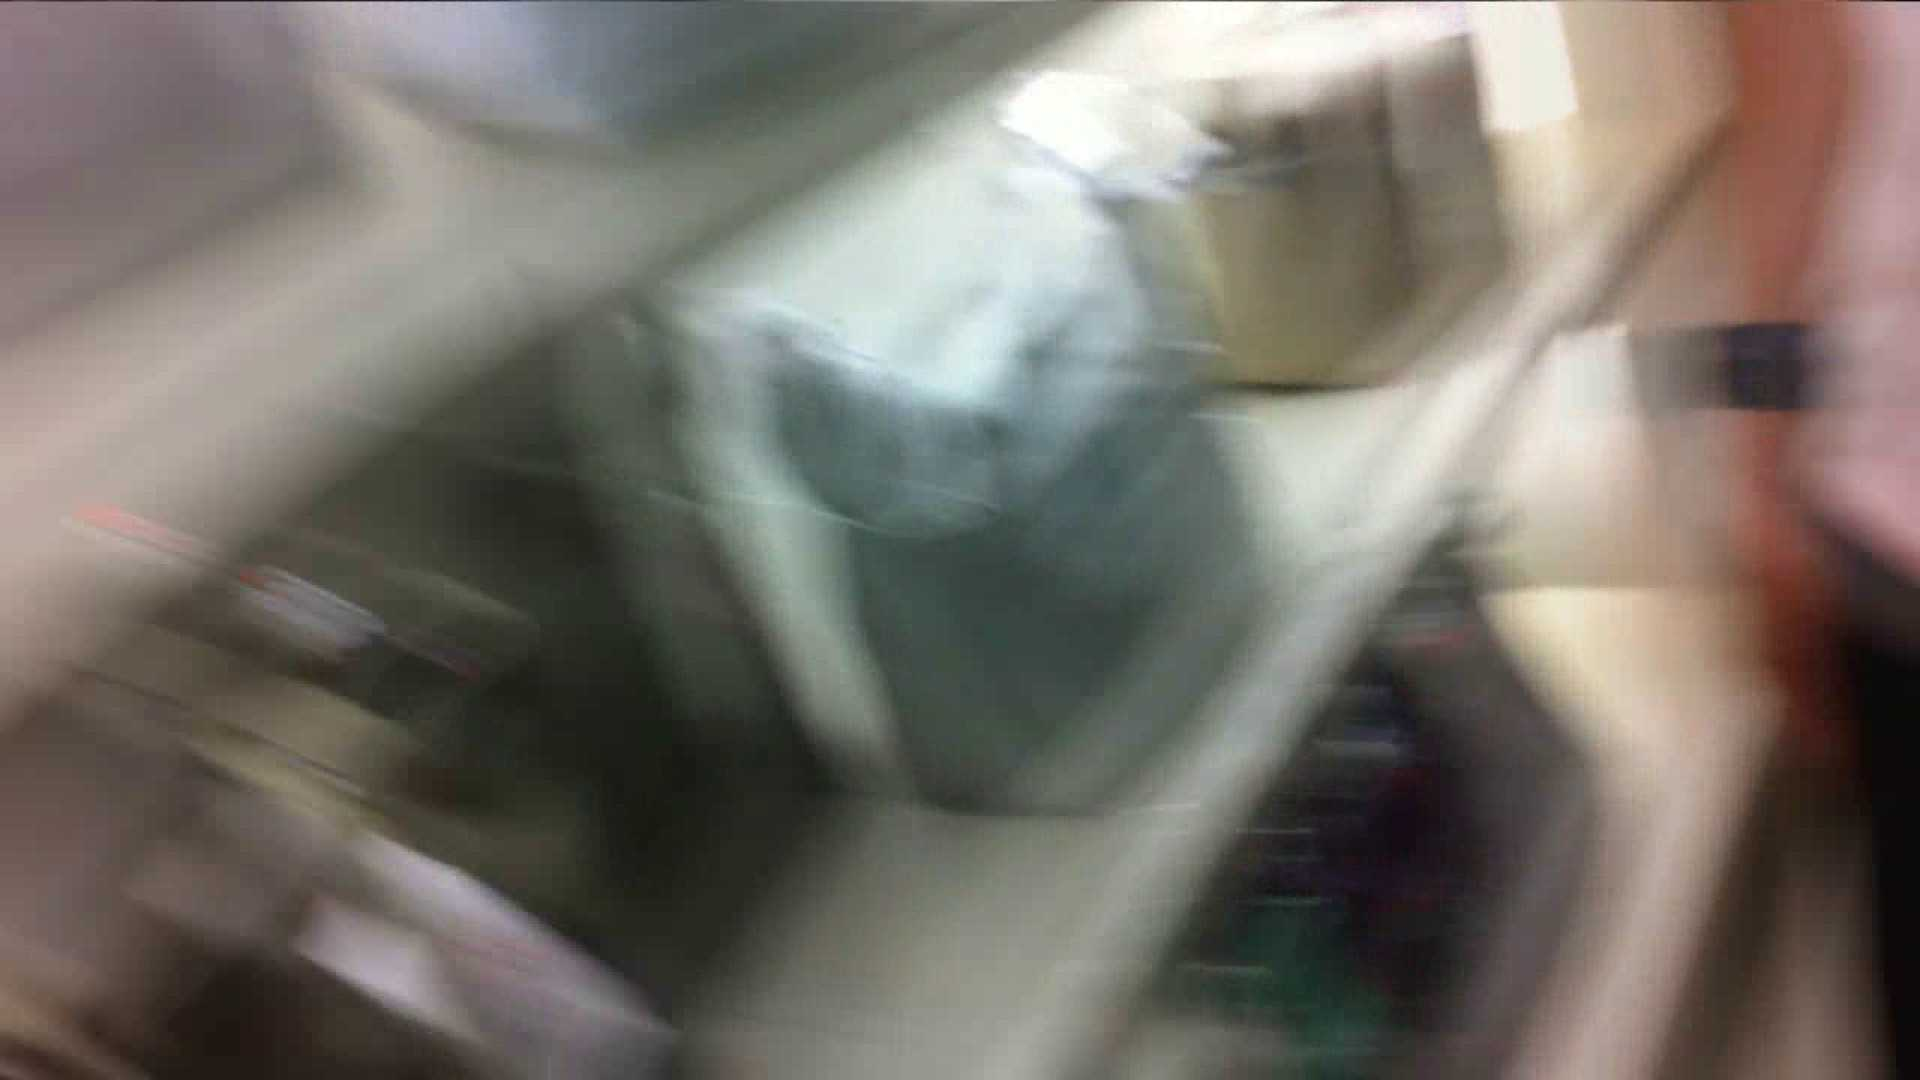 カリスマ店員の胸チラ&パンチラ vol.01 胸チラ アダルト動画キャプチャ 72画像 5